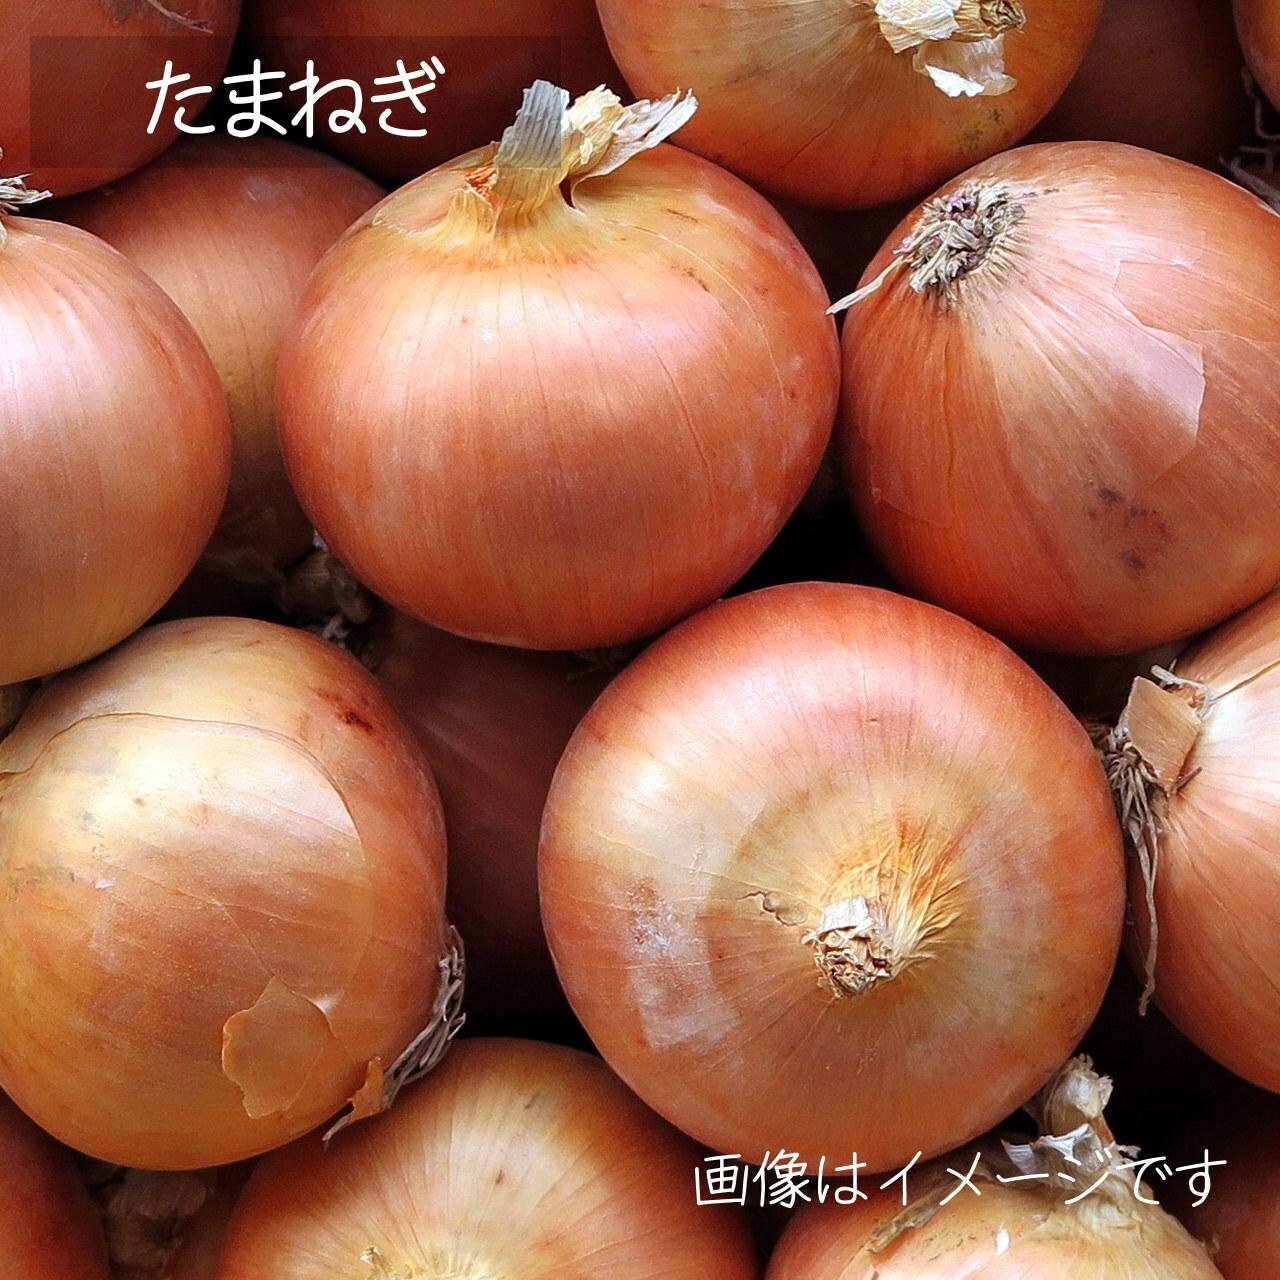 10月の朝採り直売野菜 : たまねぎ 約3~4個 新鮮な秋野菜 10月31日発送予定